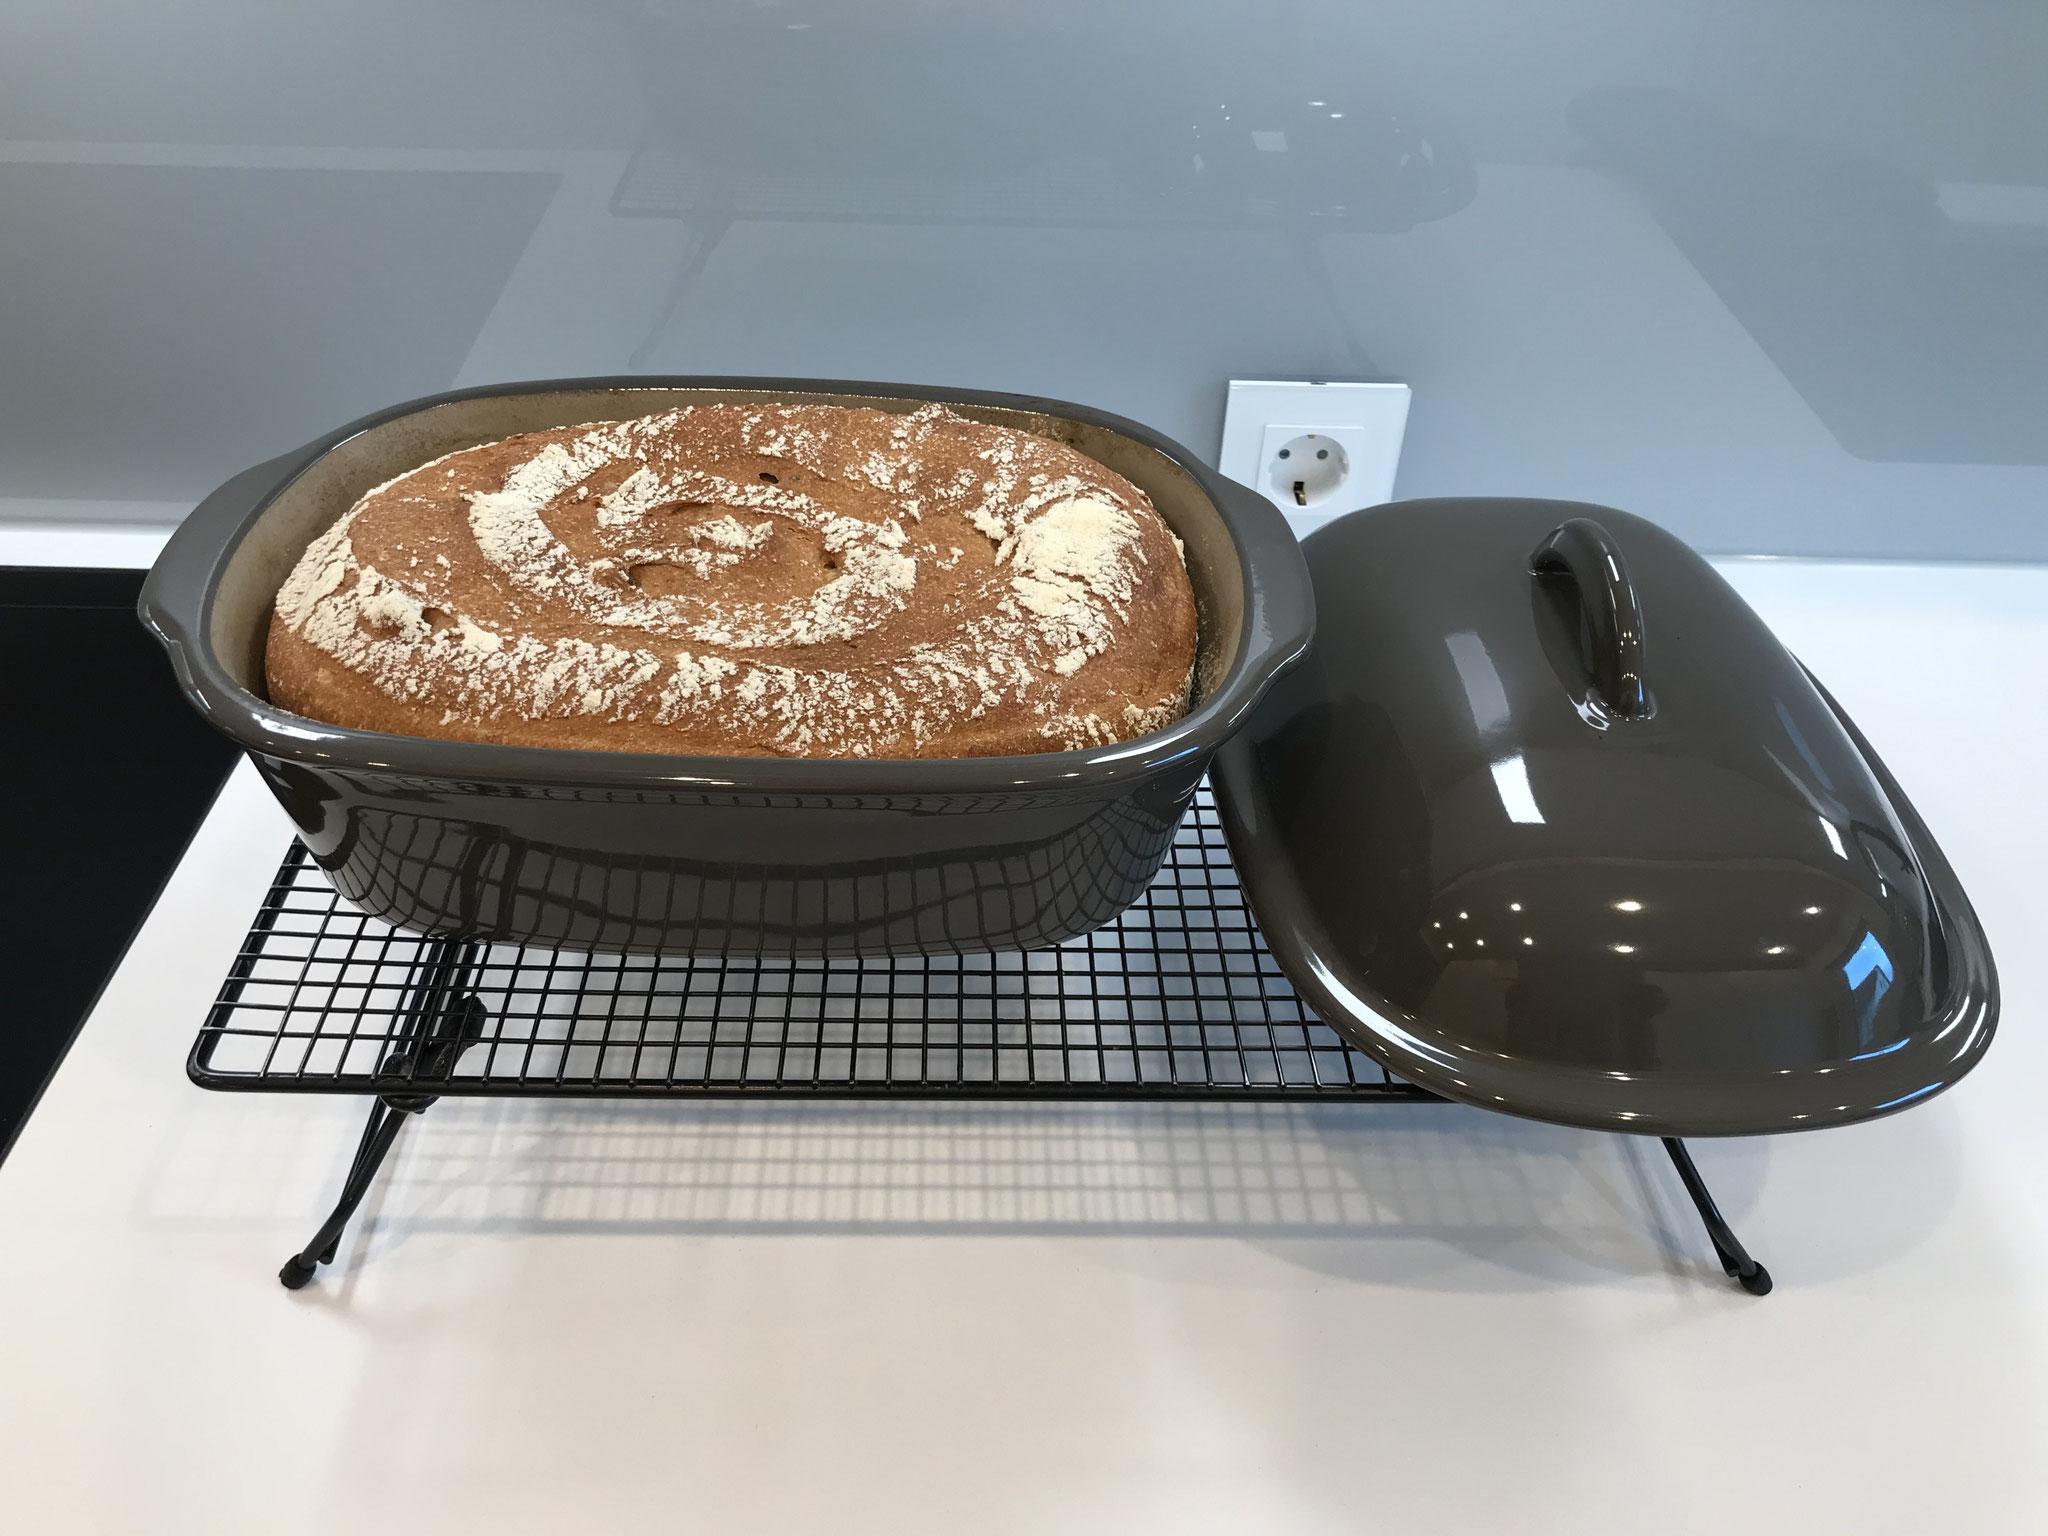 Nach dem backen das Brot sofort aus dem Ofenmeister entnehmen...